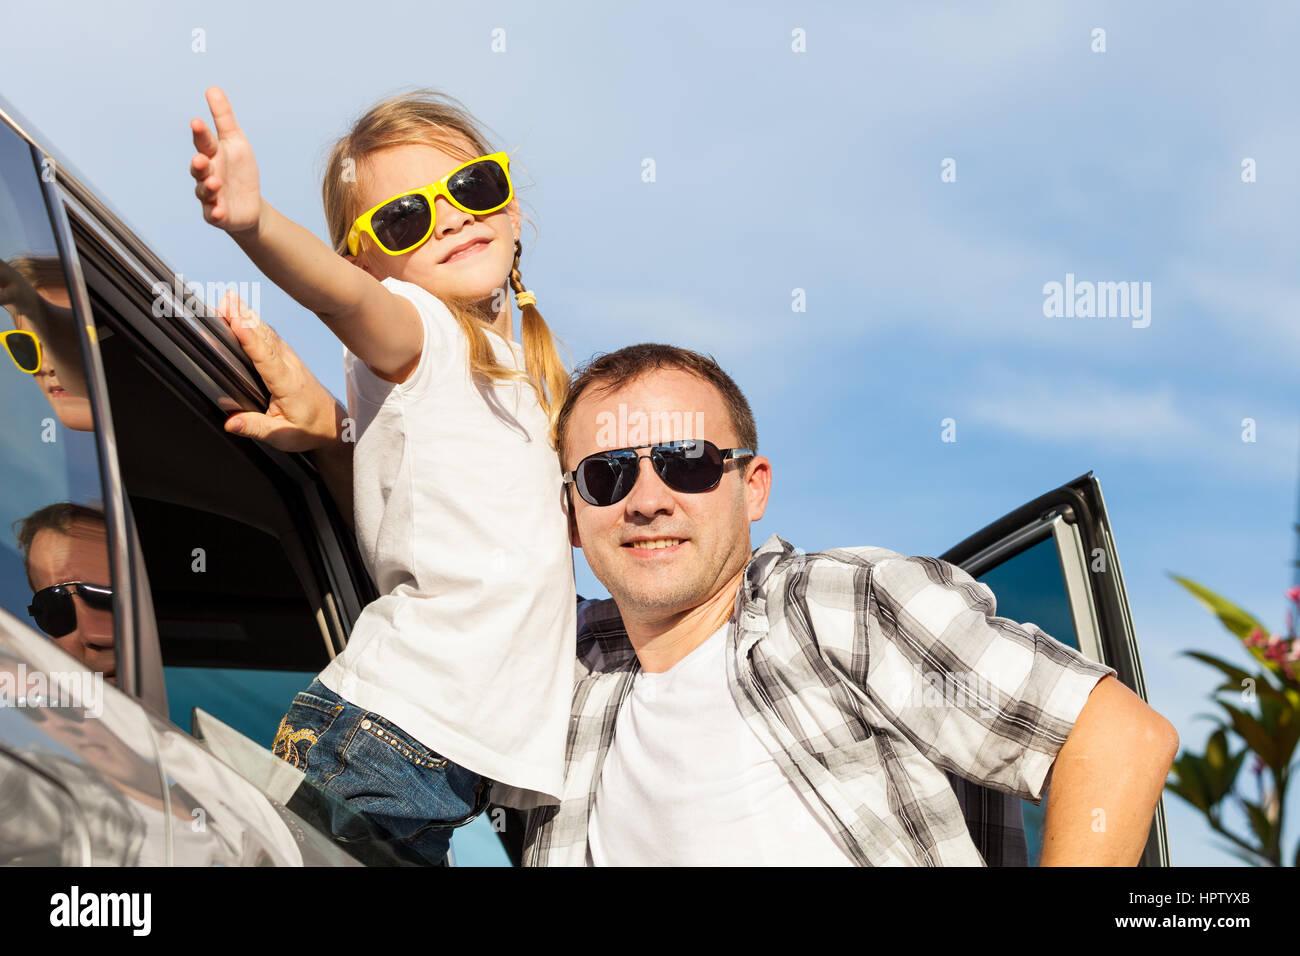 Glücklicher Vater und Tochter immer bereit für Roadtrip an einem sonnigen Tag.  Konzept der freundlichen Stockbild